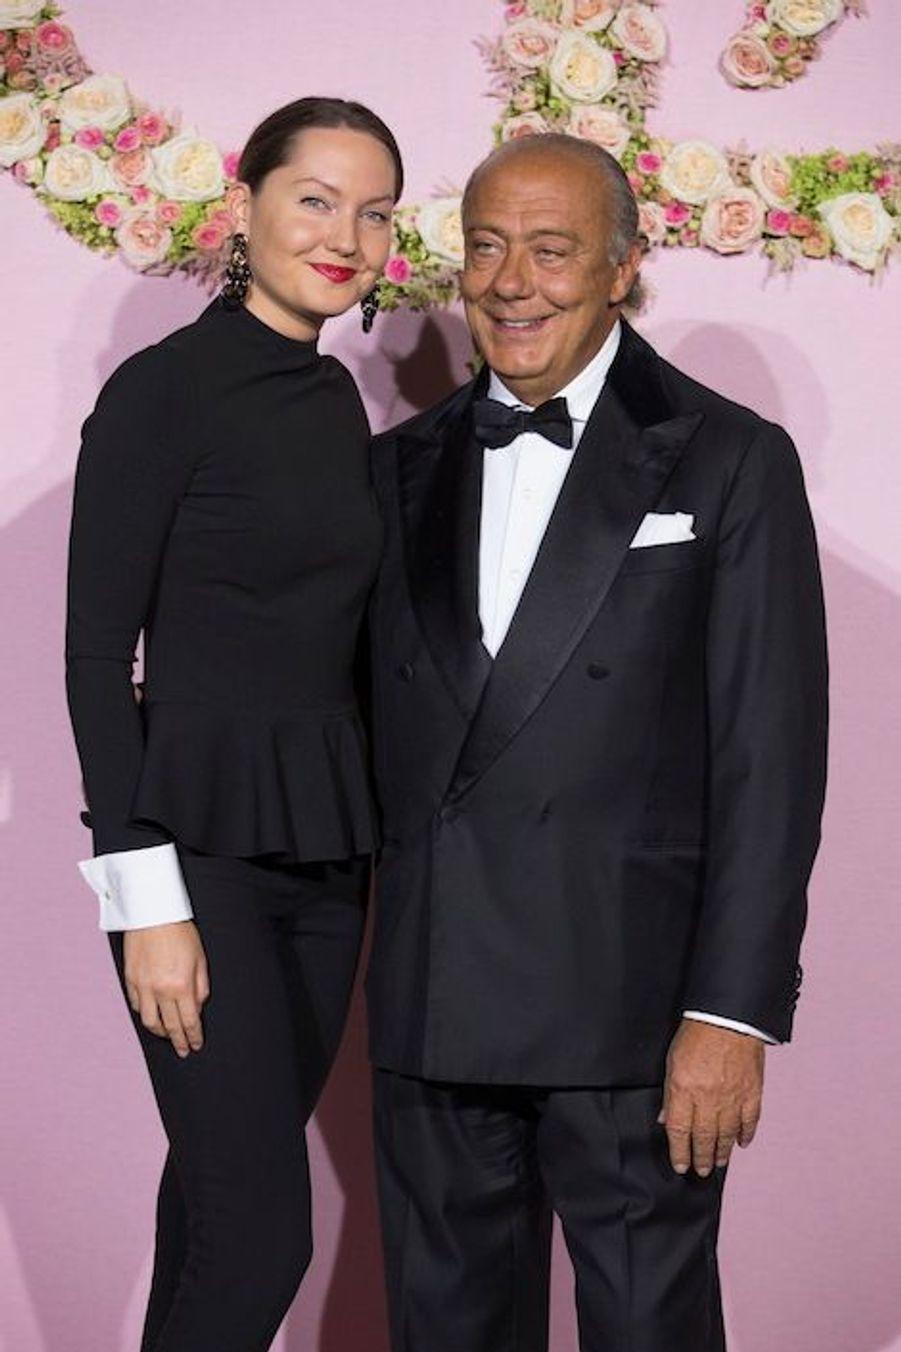 Sophia Taylor et Fawaz Gruosi.